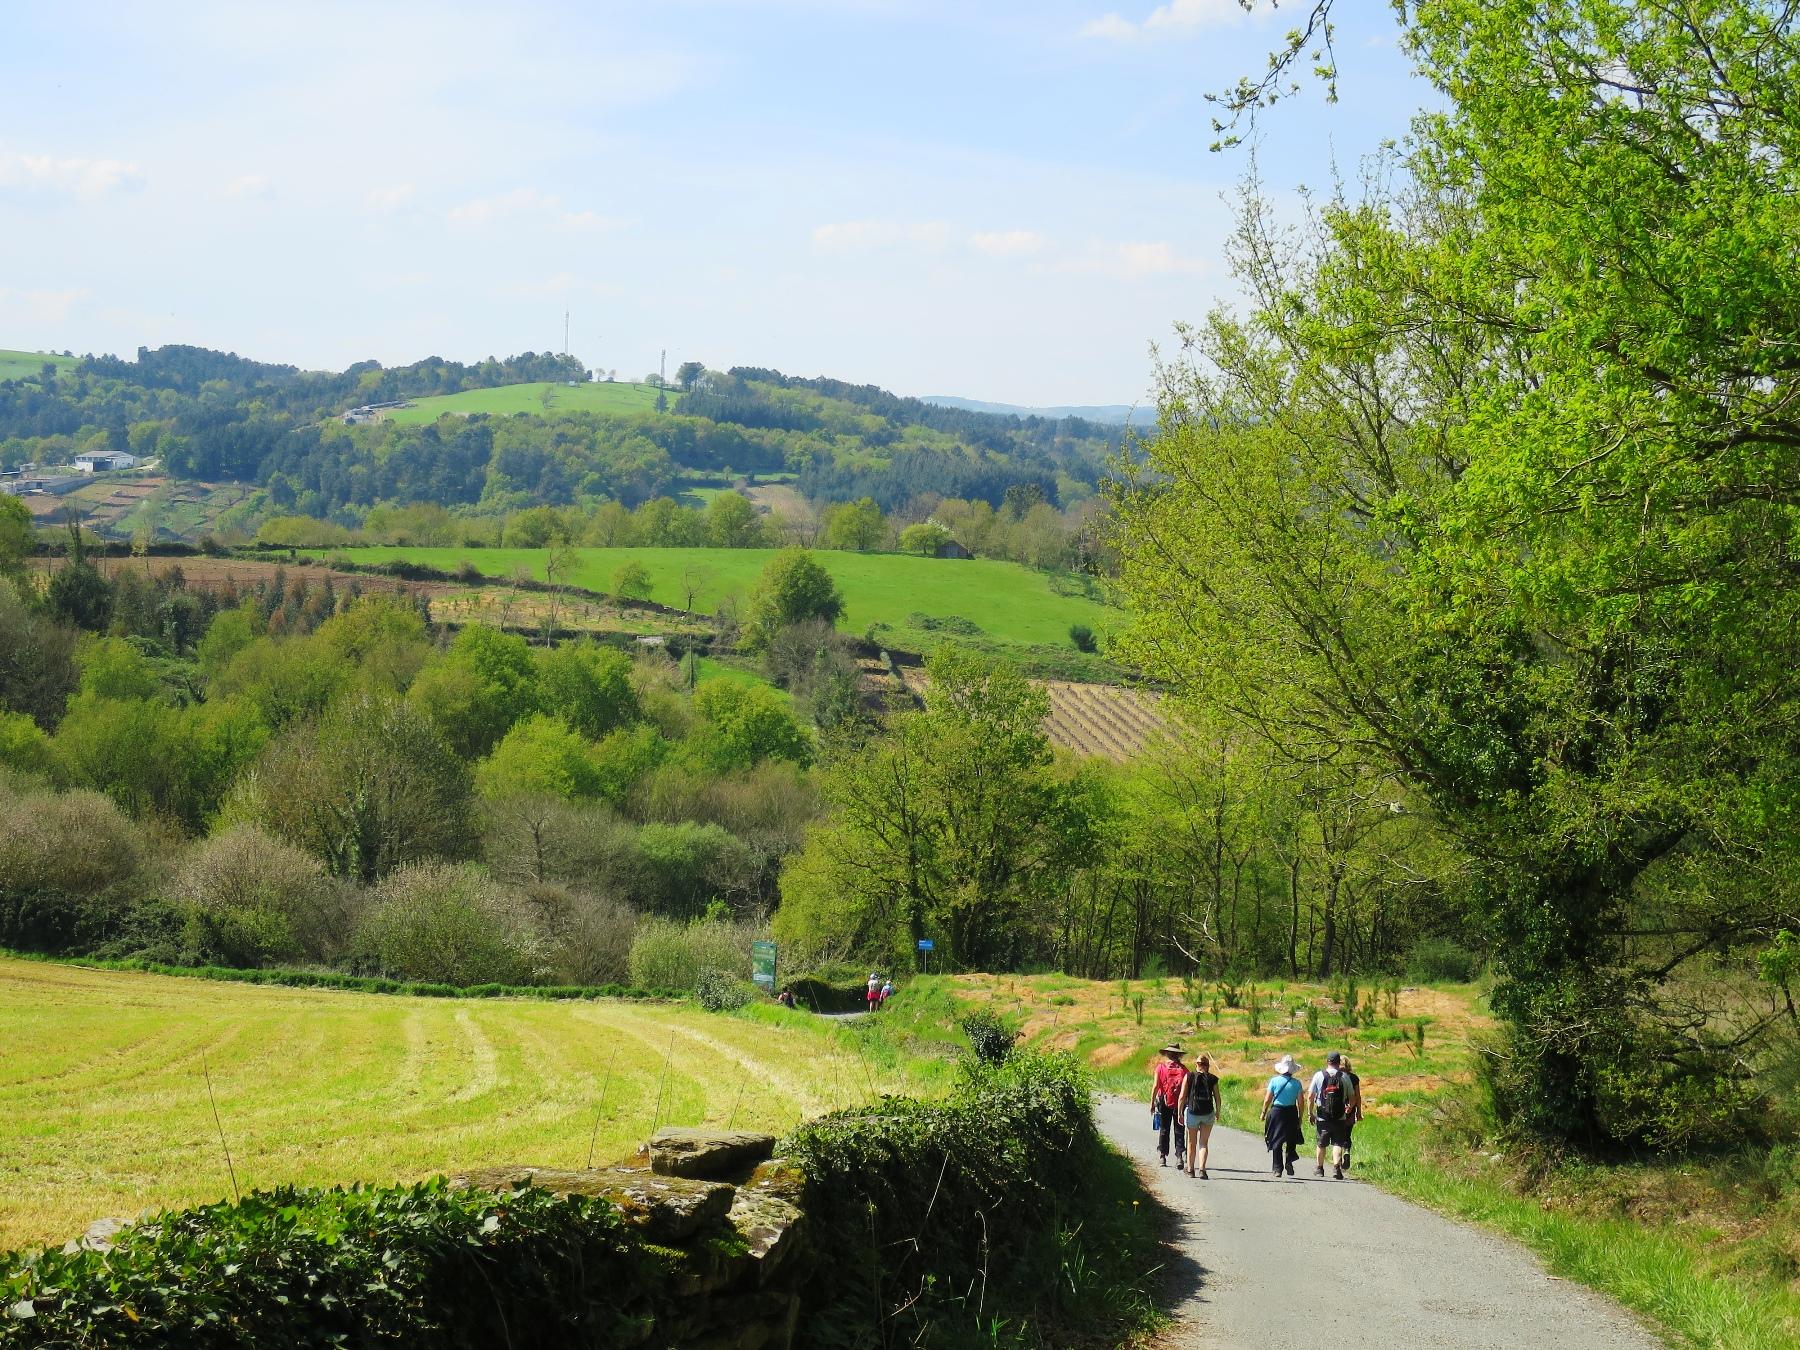 ゆるやかな丘が連なるガリシア州の巡礼路を歩く